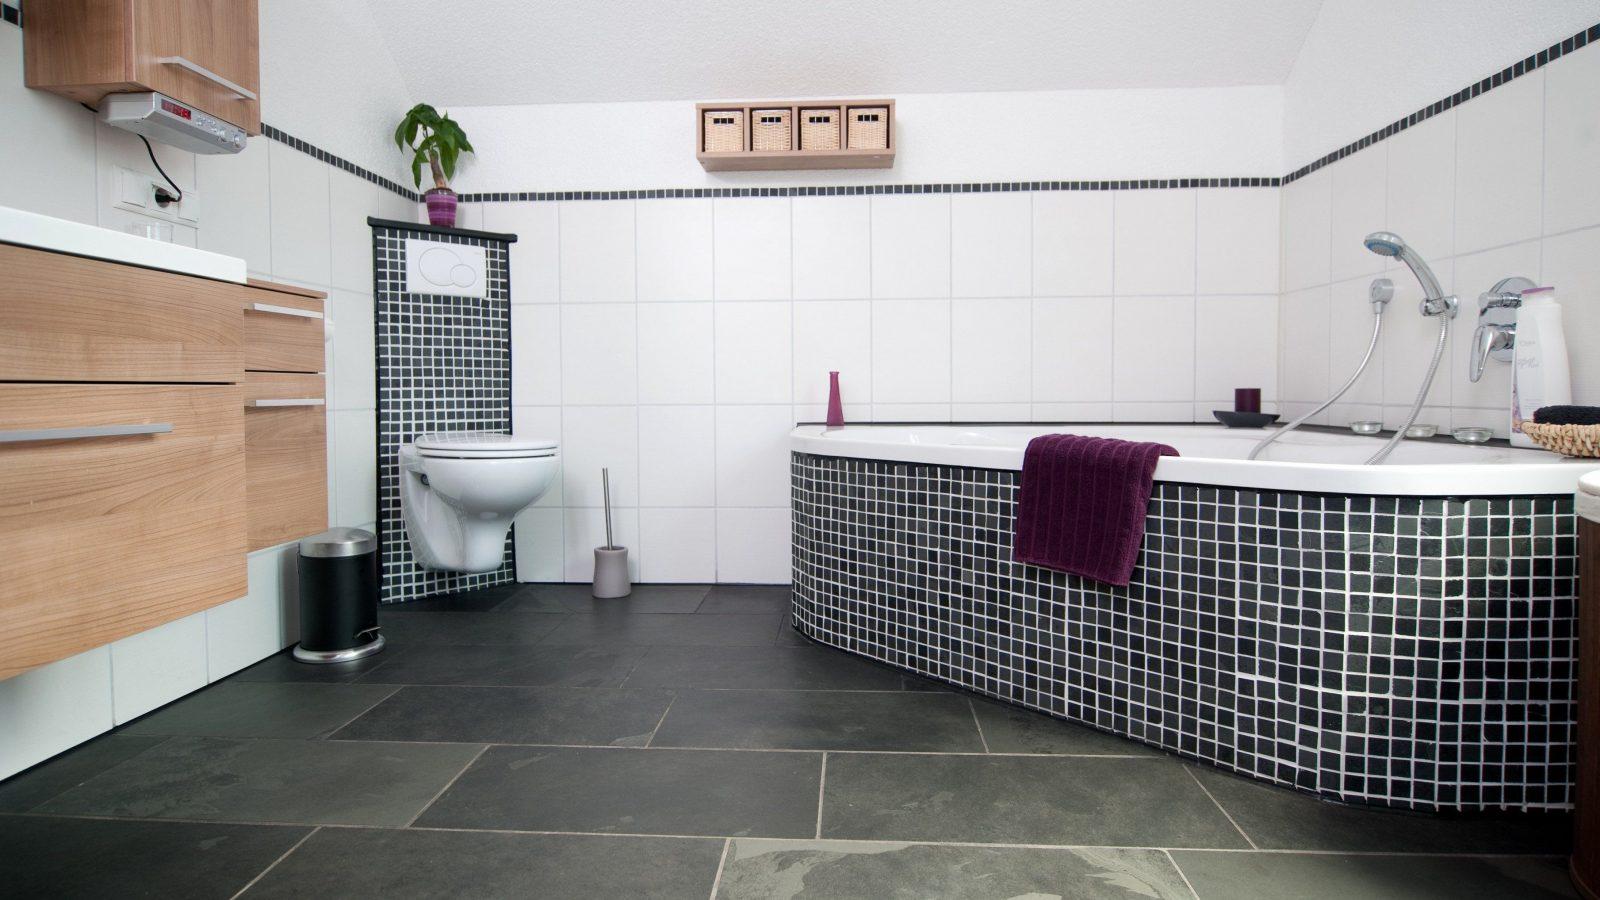 ... Delightful Badezimmer Grau Mit Mosaik Blau 14 Badfliesen Mosaik Von  Mosaik Fliesen Zum Aufkleben Bild ...